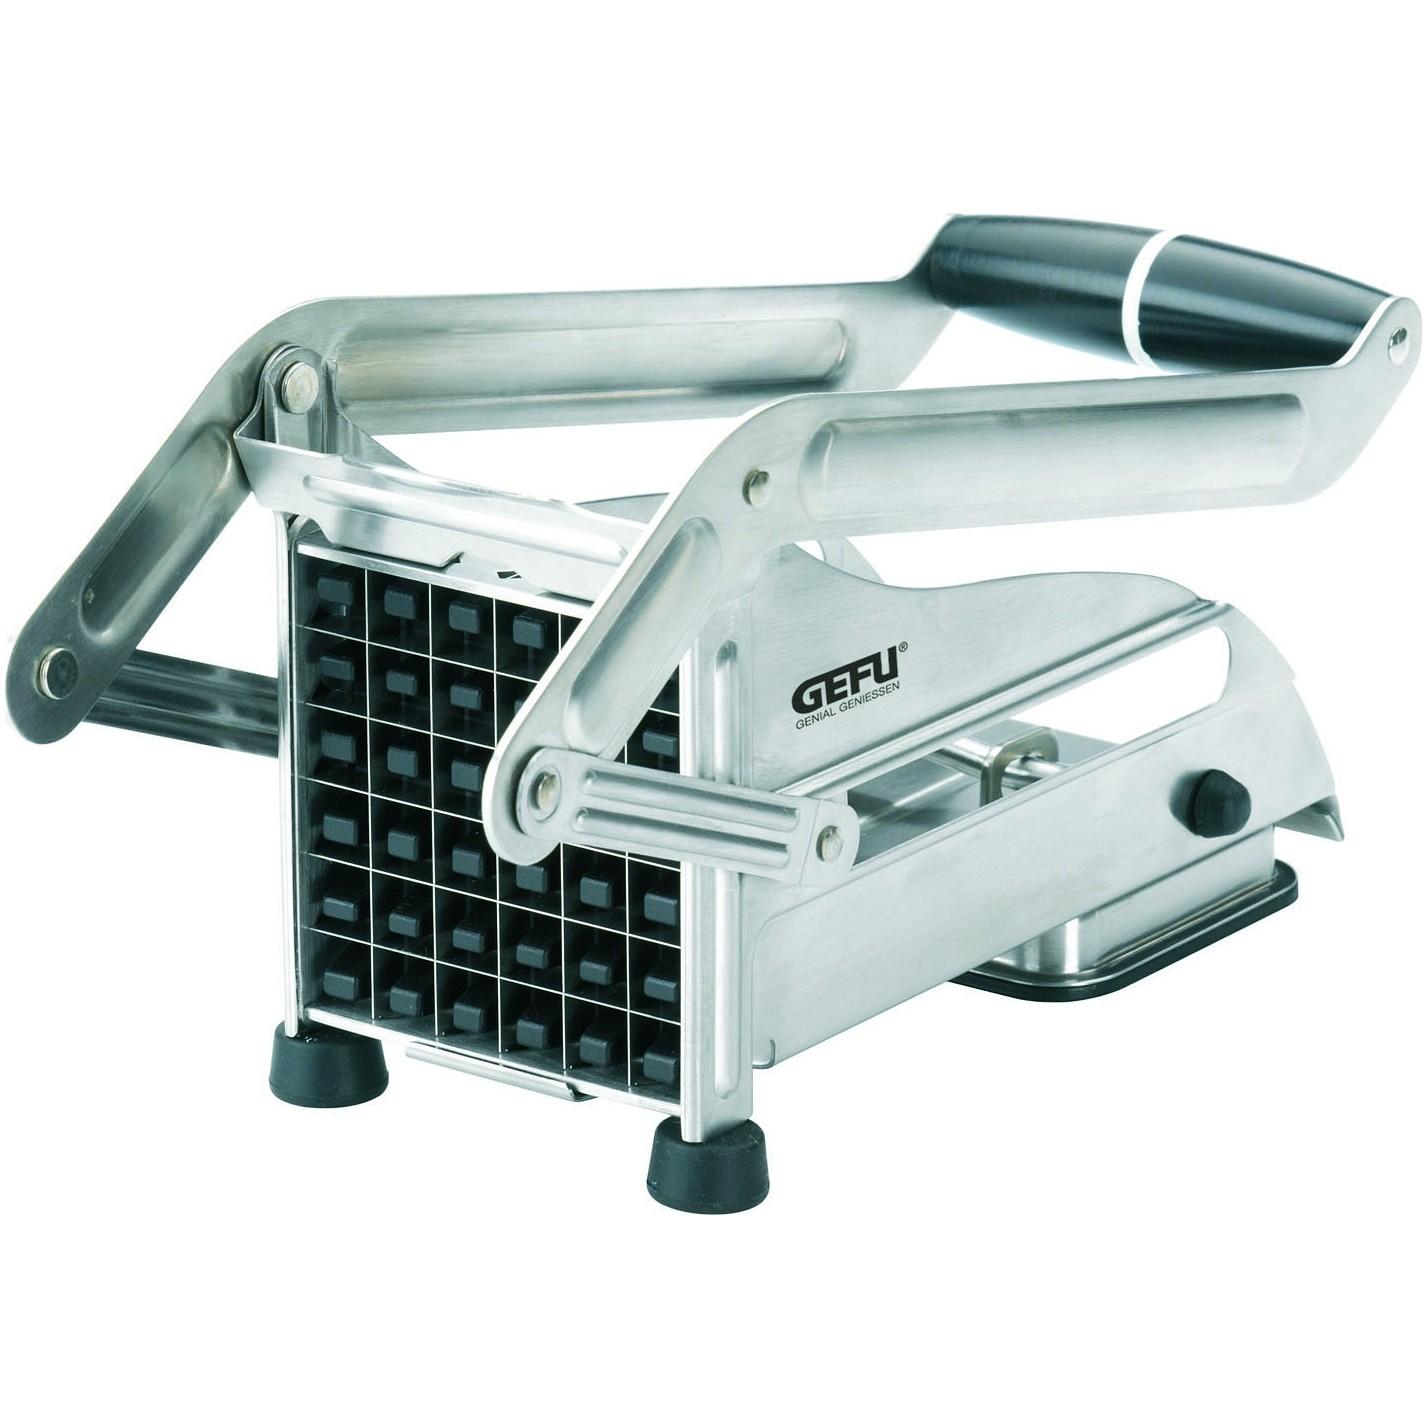 Машинка для резки картофеля металлическаяБлагодаря бренду GEFU кухонные пренадлежности очень просты в использовании. С машинкой для резки картофеля приготовление картофеля фри не составит труда. Качество машинки сохранит её на долгие годы и будет незаменимым помошником для Вас.<br>